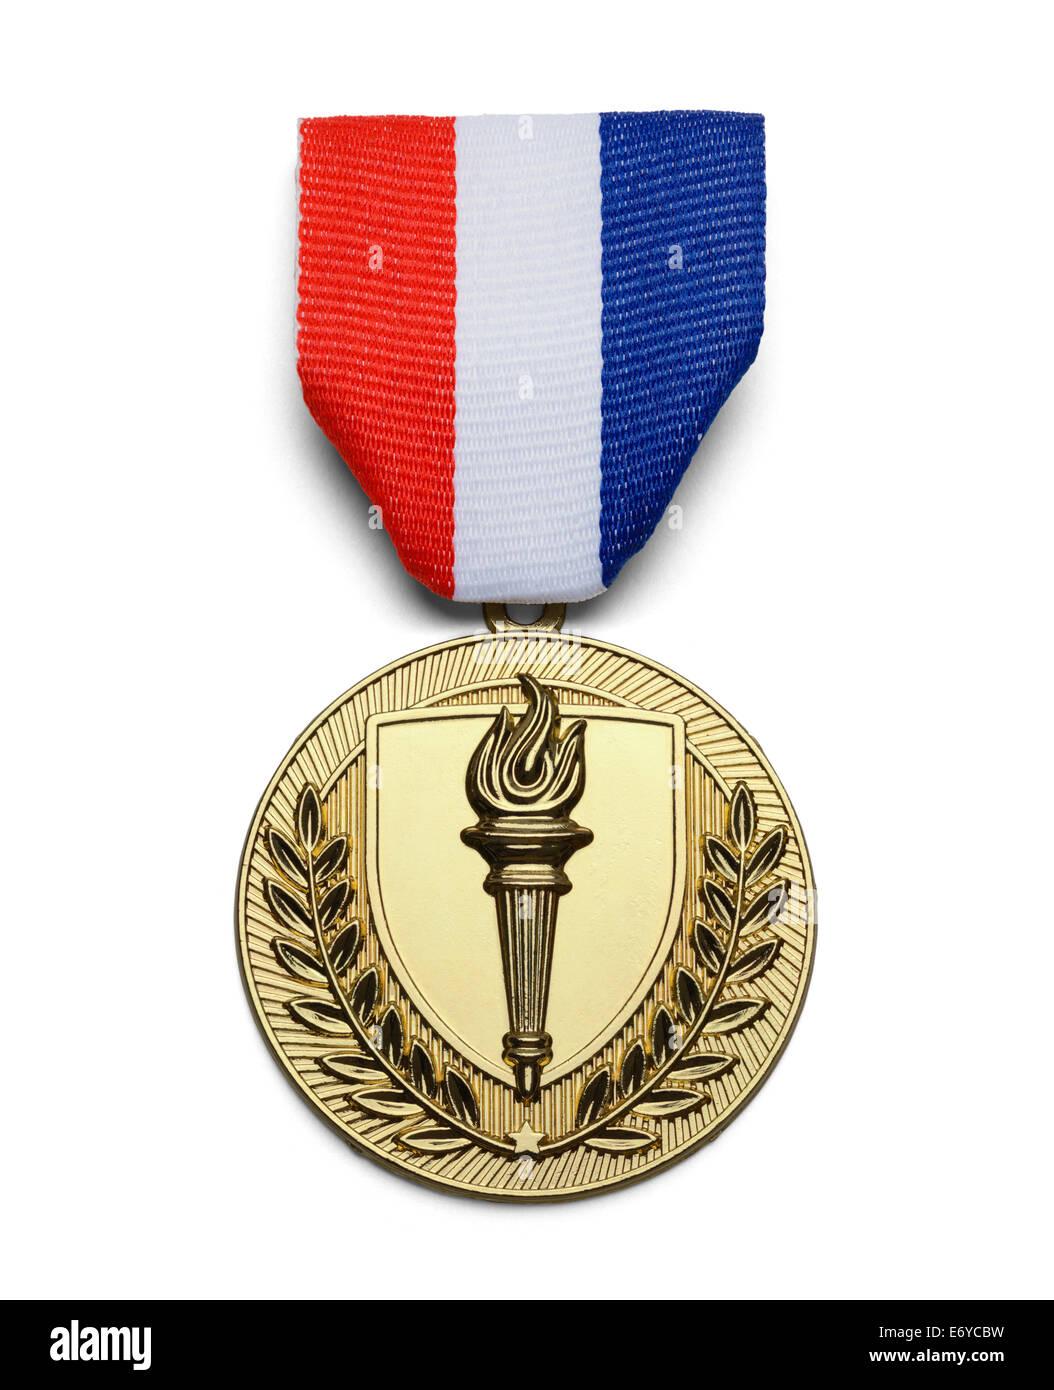 Oro USA medaglia torcia isolati su sfondo bianco. Immagini Stock